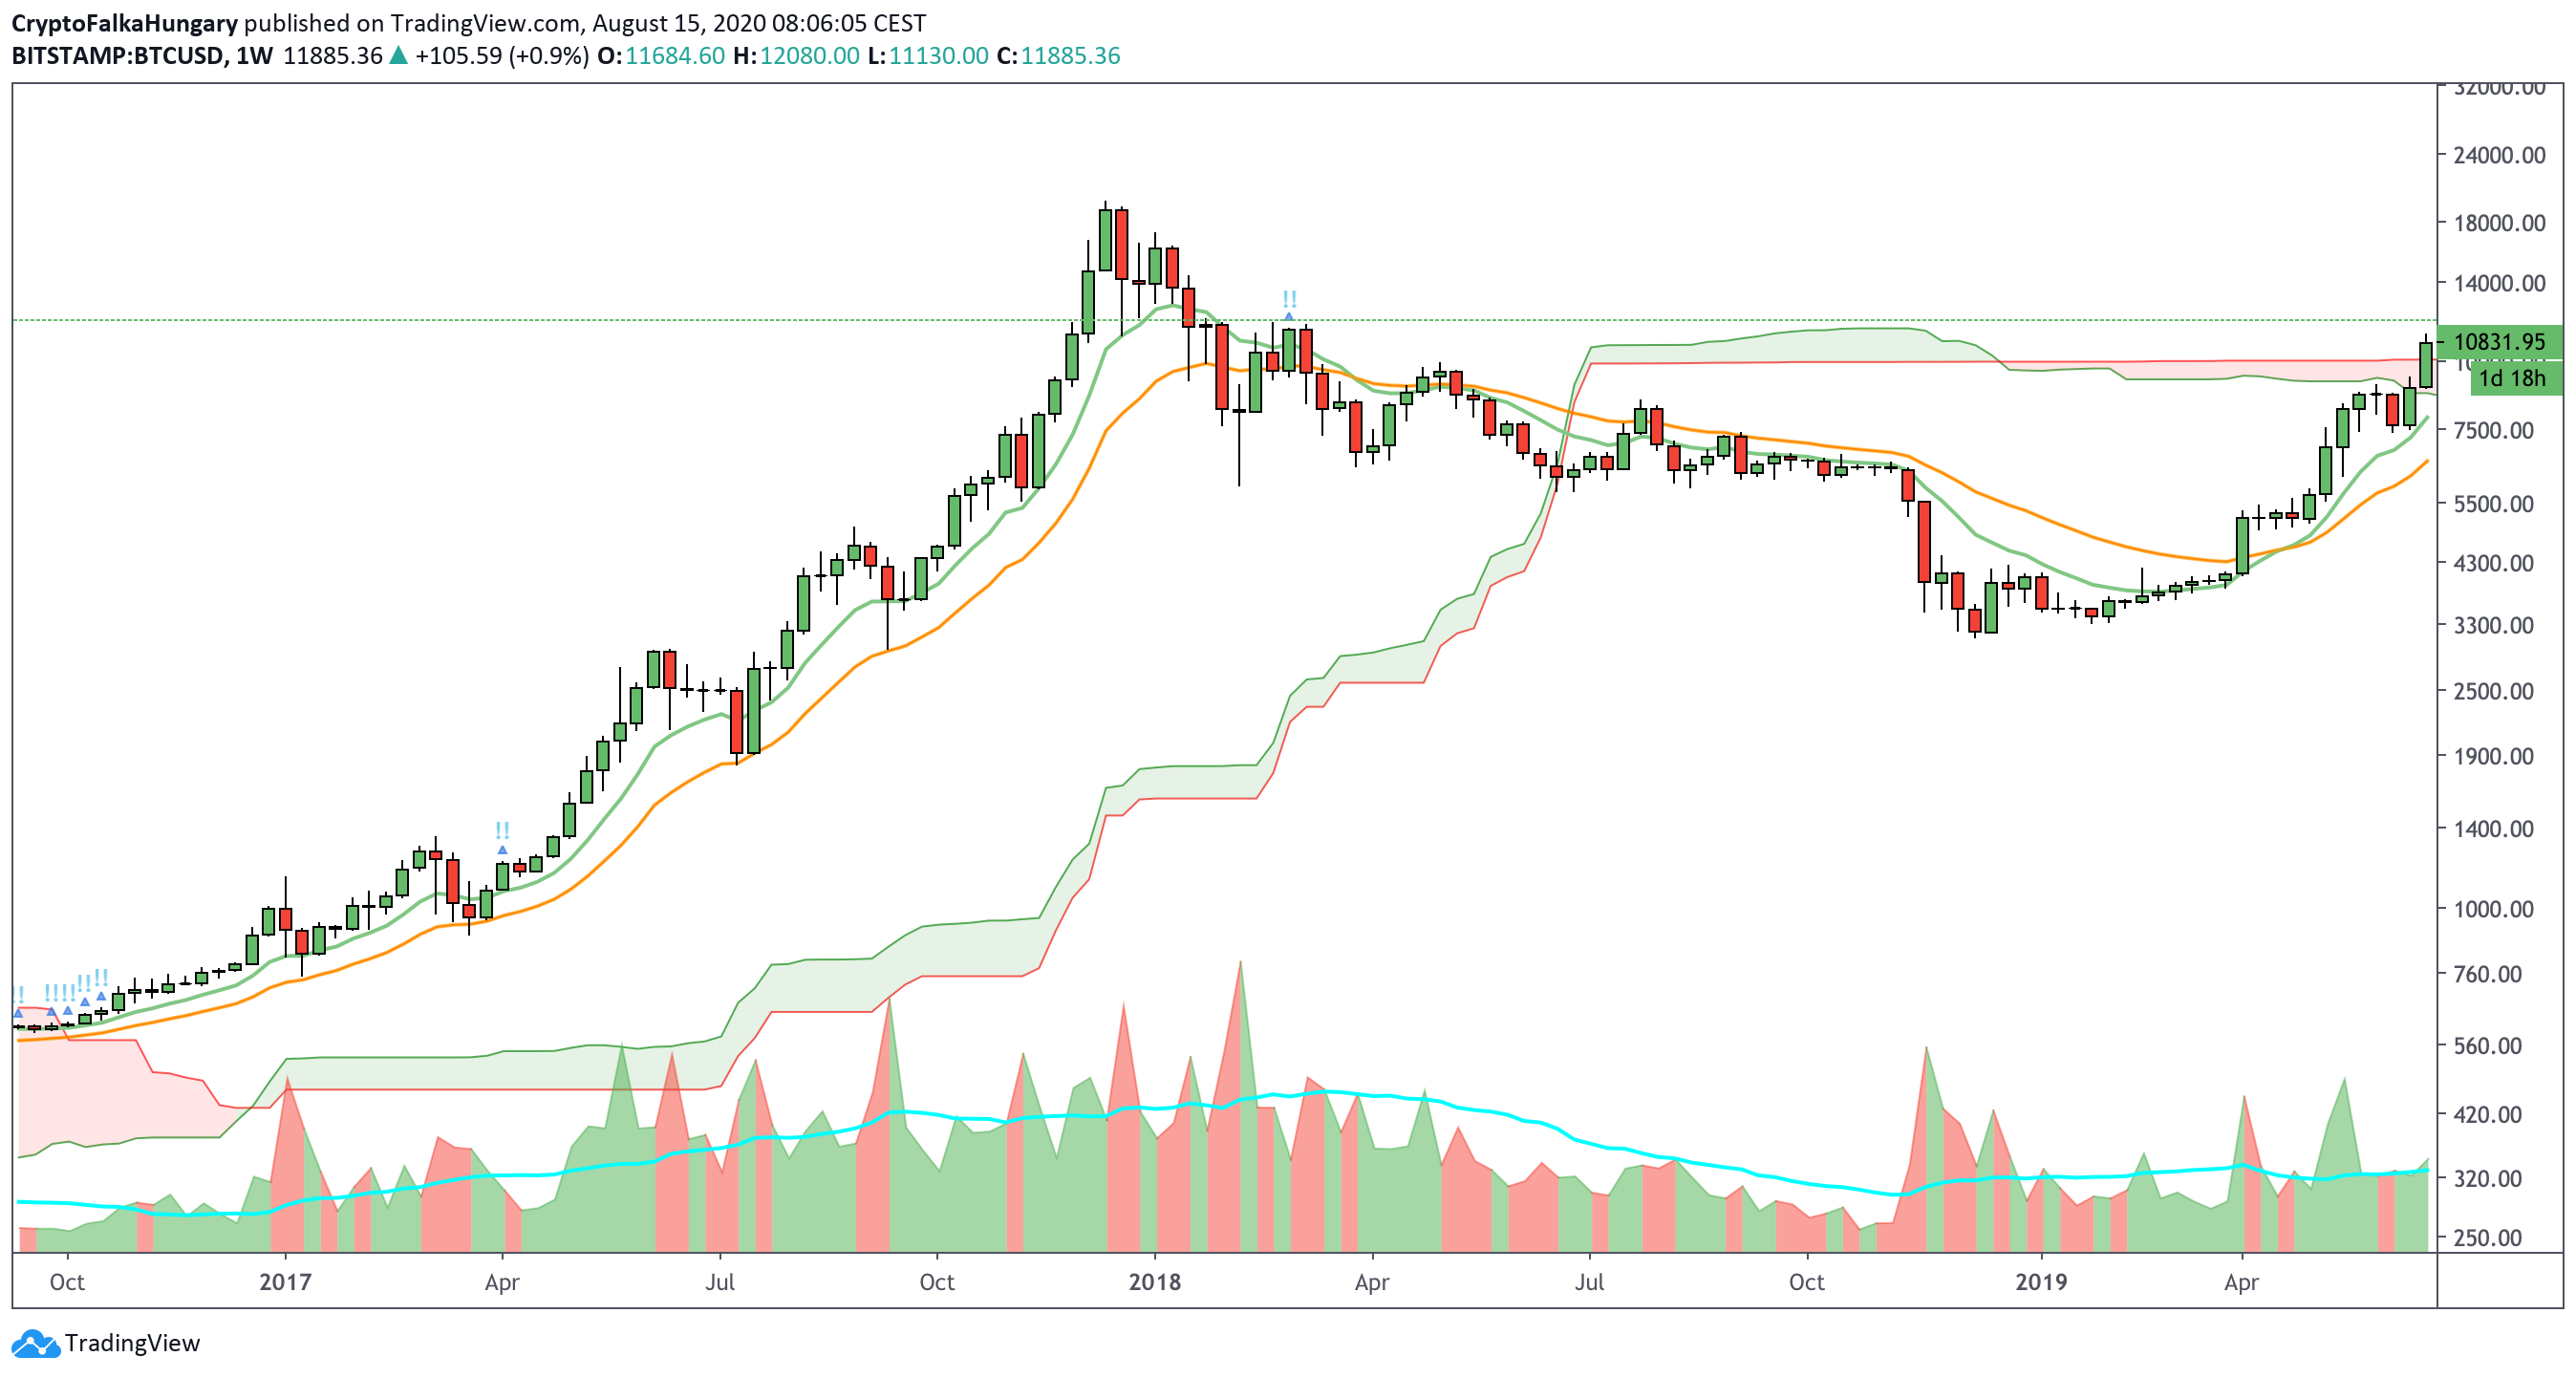 Bitcoin medve piac I Cryptofalka